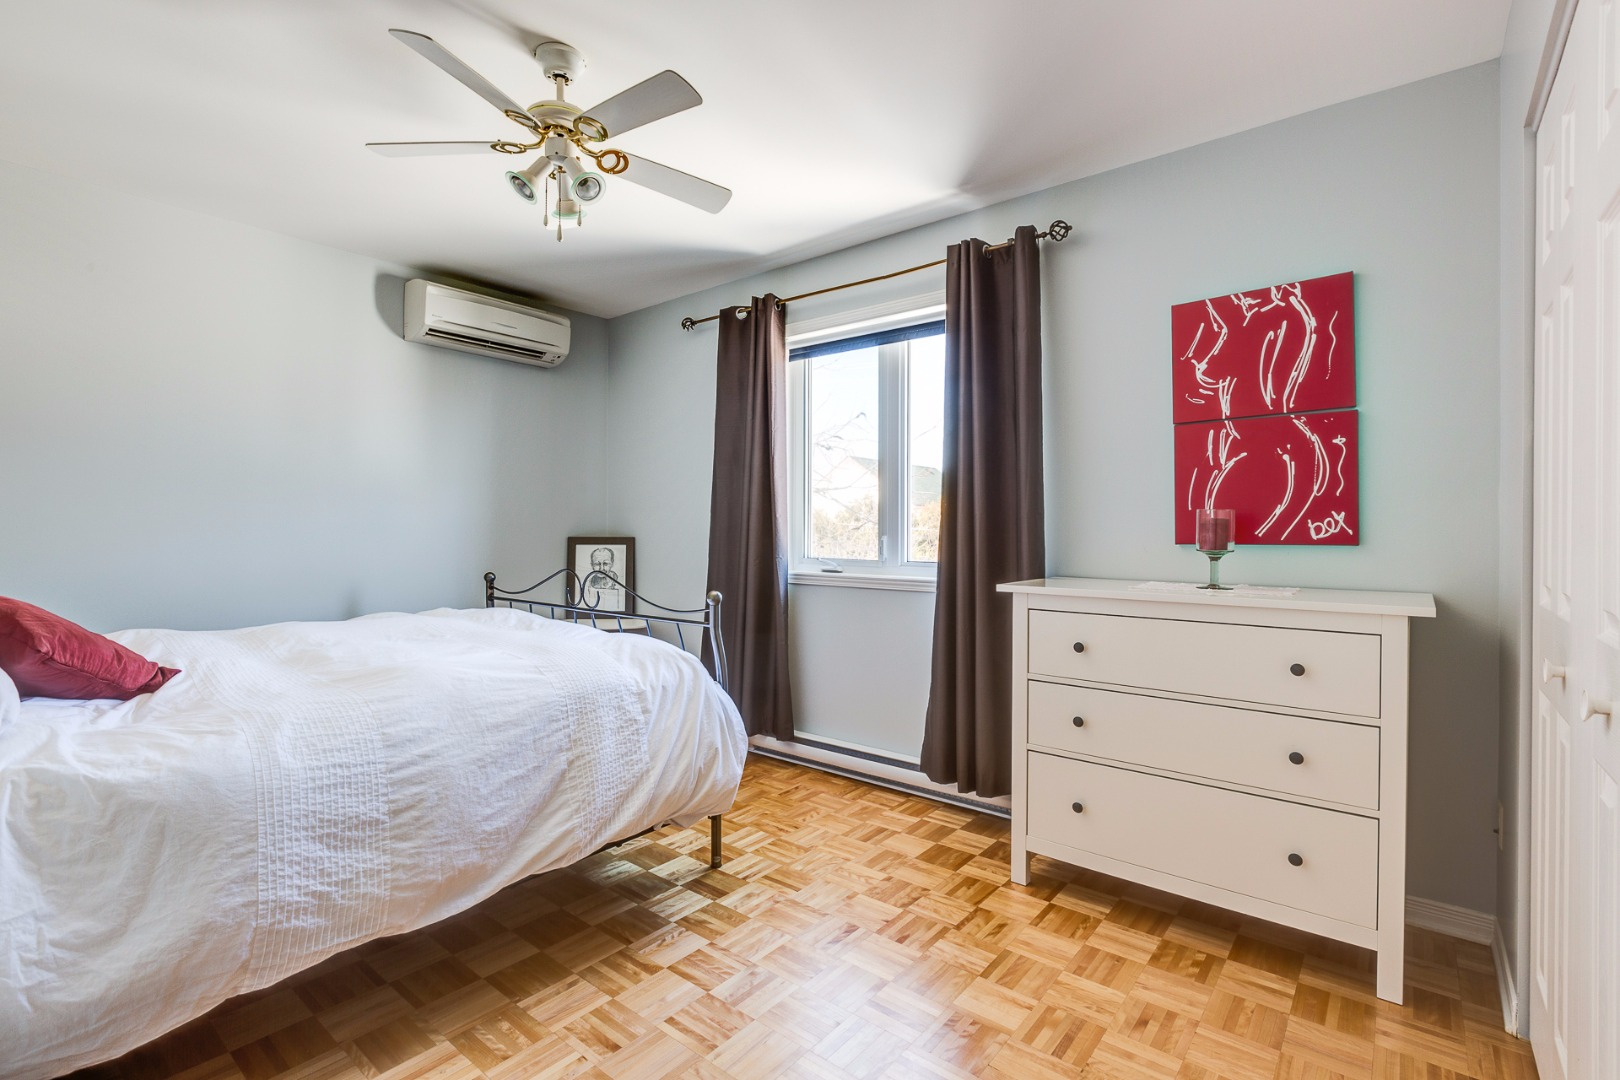 Maison à vendre Saint-Hubert - 6328, rue des Mélias